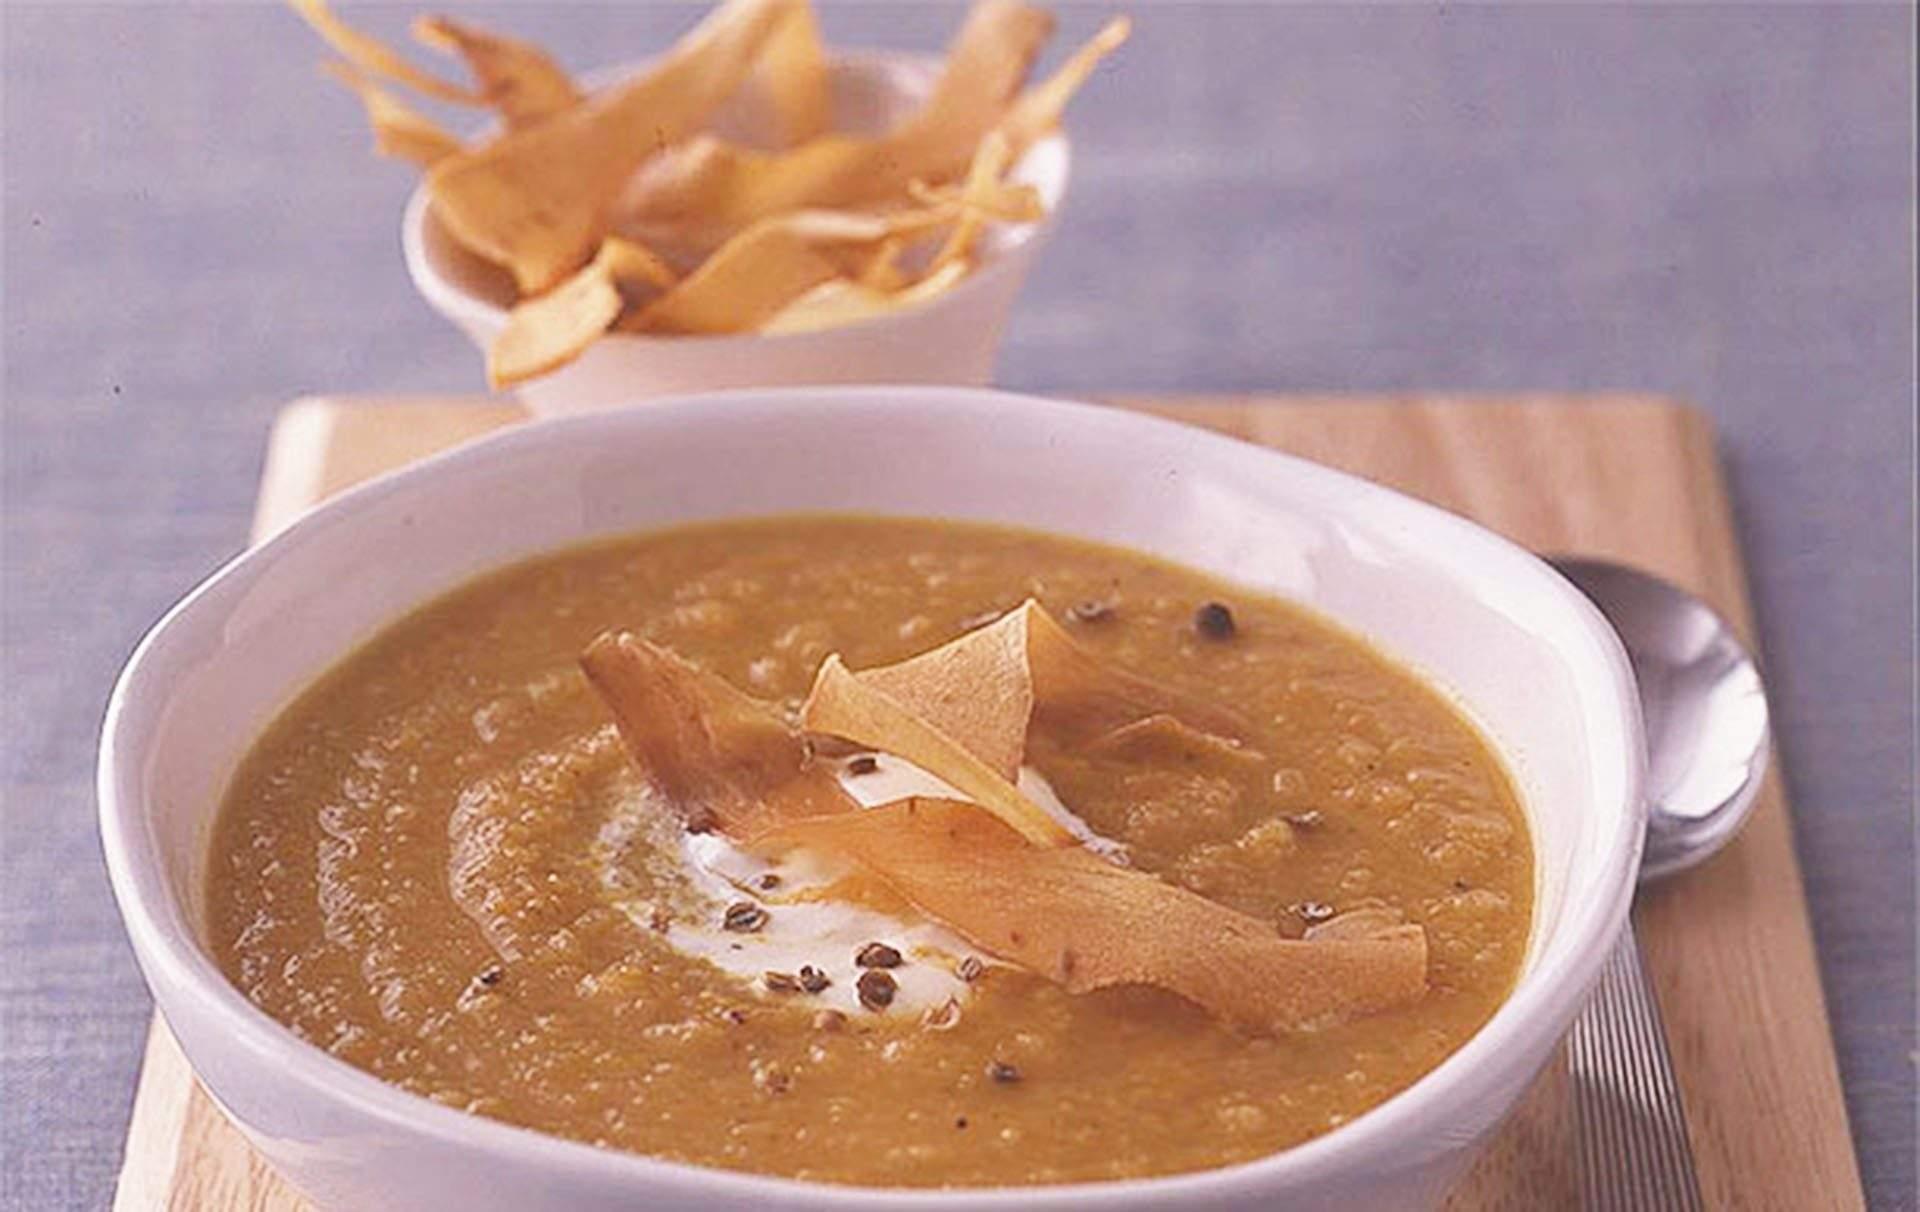 Sopa de zanahoria especiada, chirivía y sueco Calienta este invierno con esta receta picante de sopa de zanahorias, sueco y chirivía, cubierta con crujientes patatas fritas caseras, esta sopa es simplemente deliciosa.